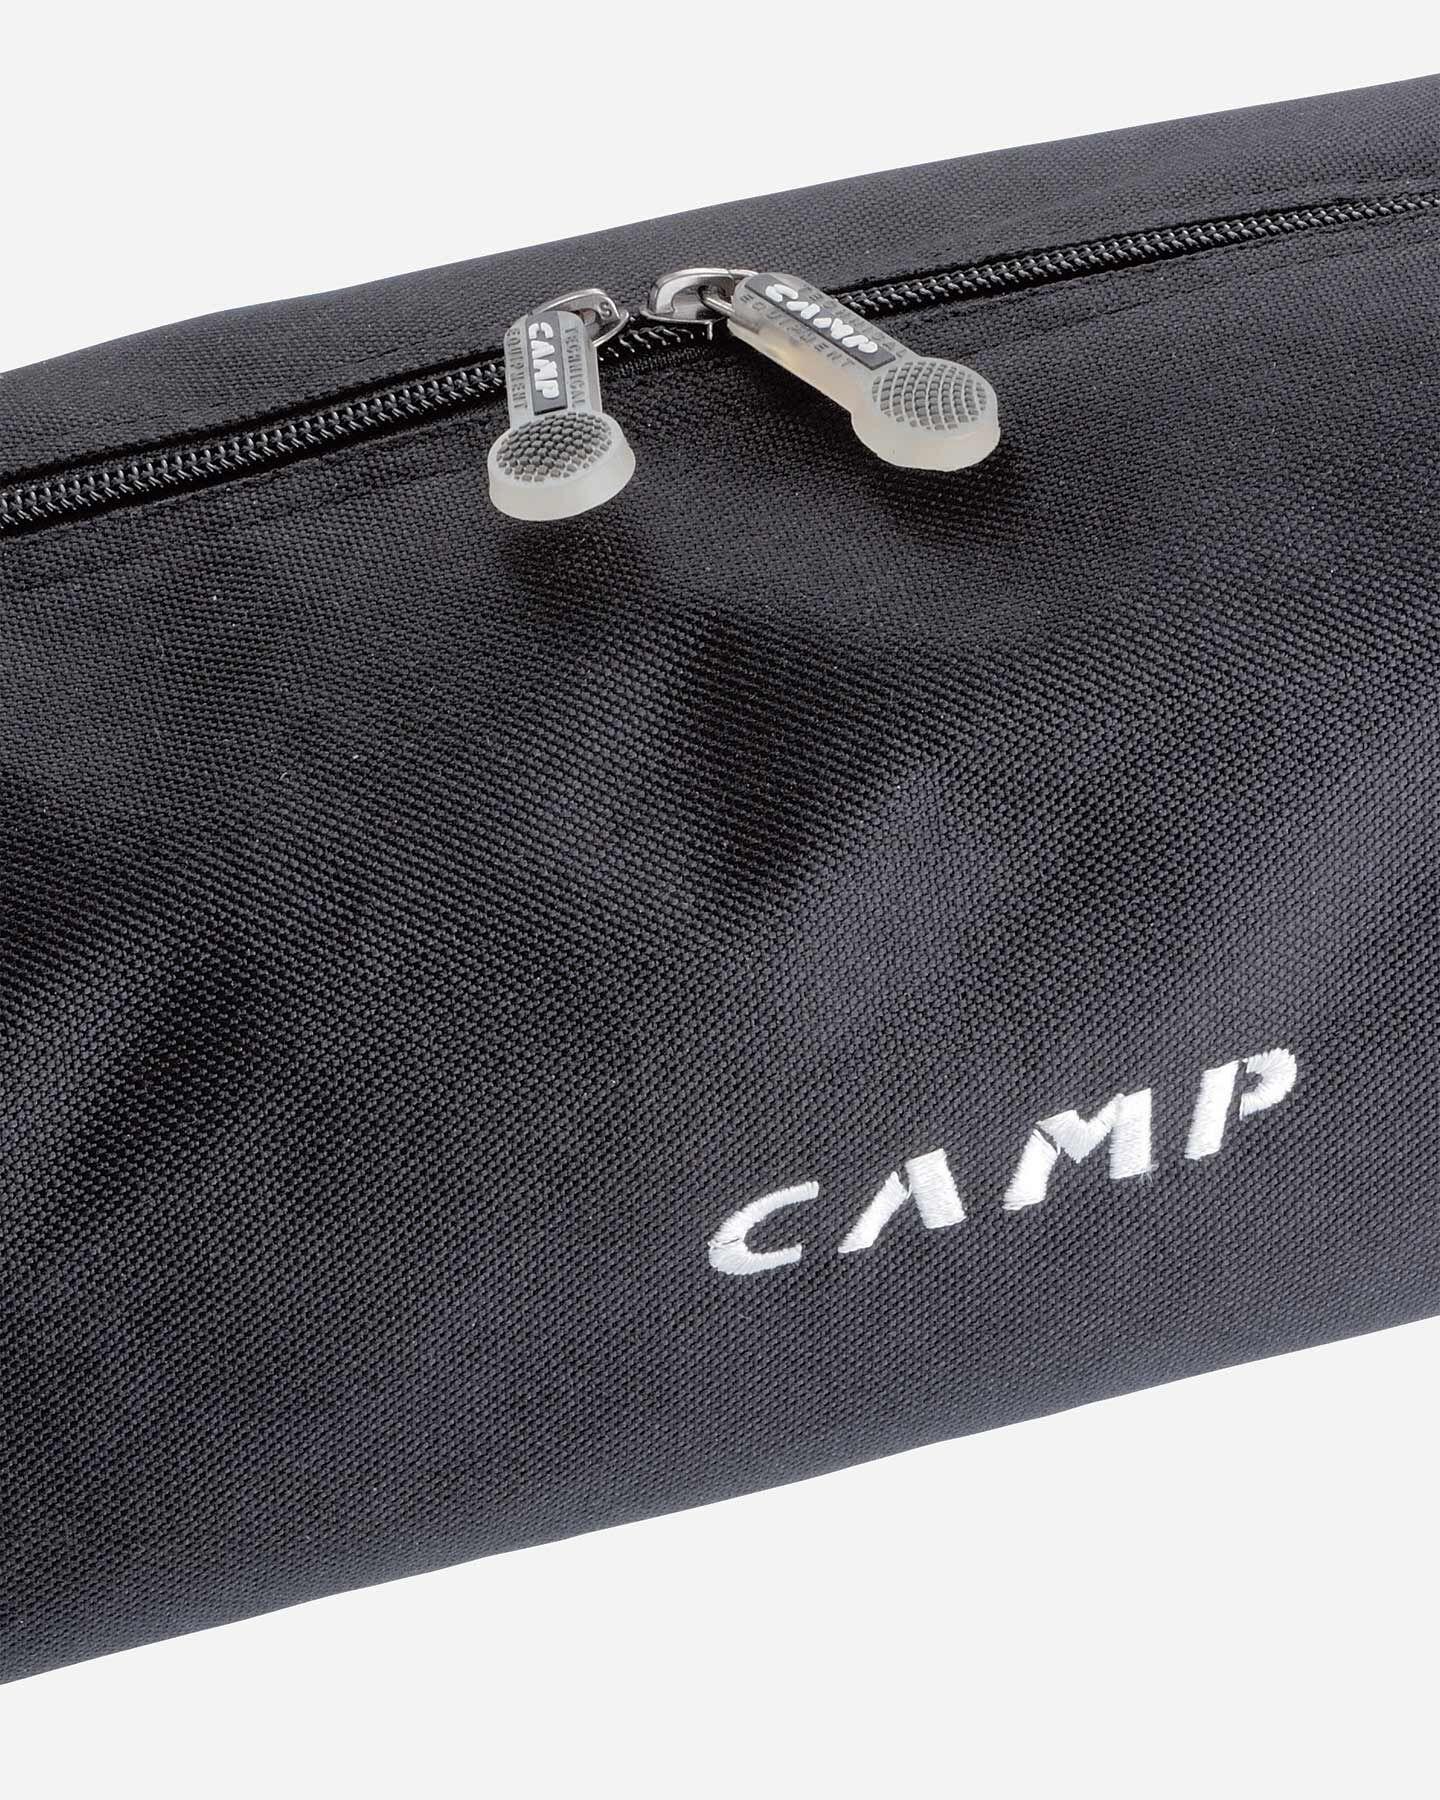 Accessorio arrampicata CAMP CUSTODIA CAMP NYLON X RAMPONI 1385 S0431136 1 UNI scatto 1